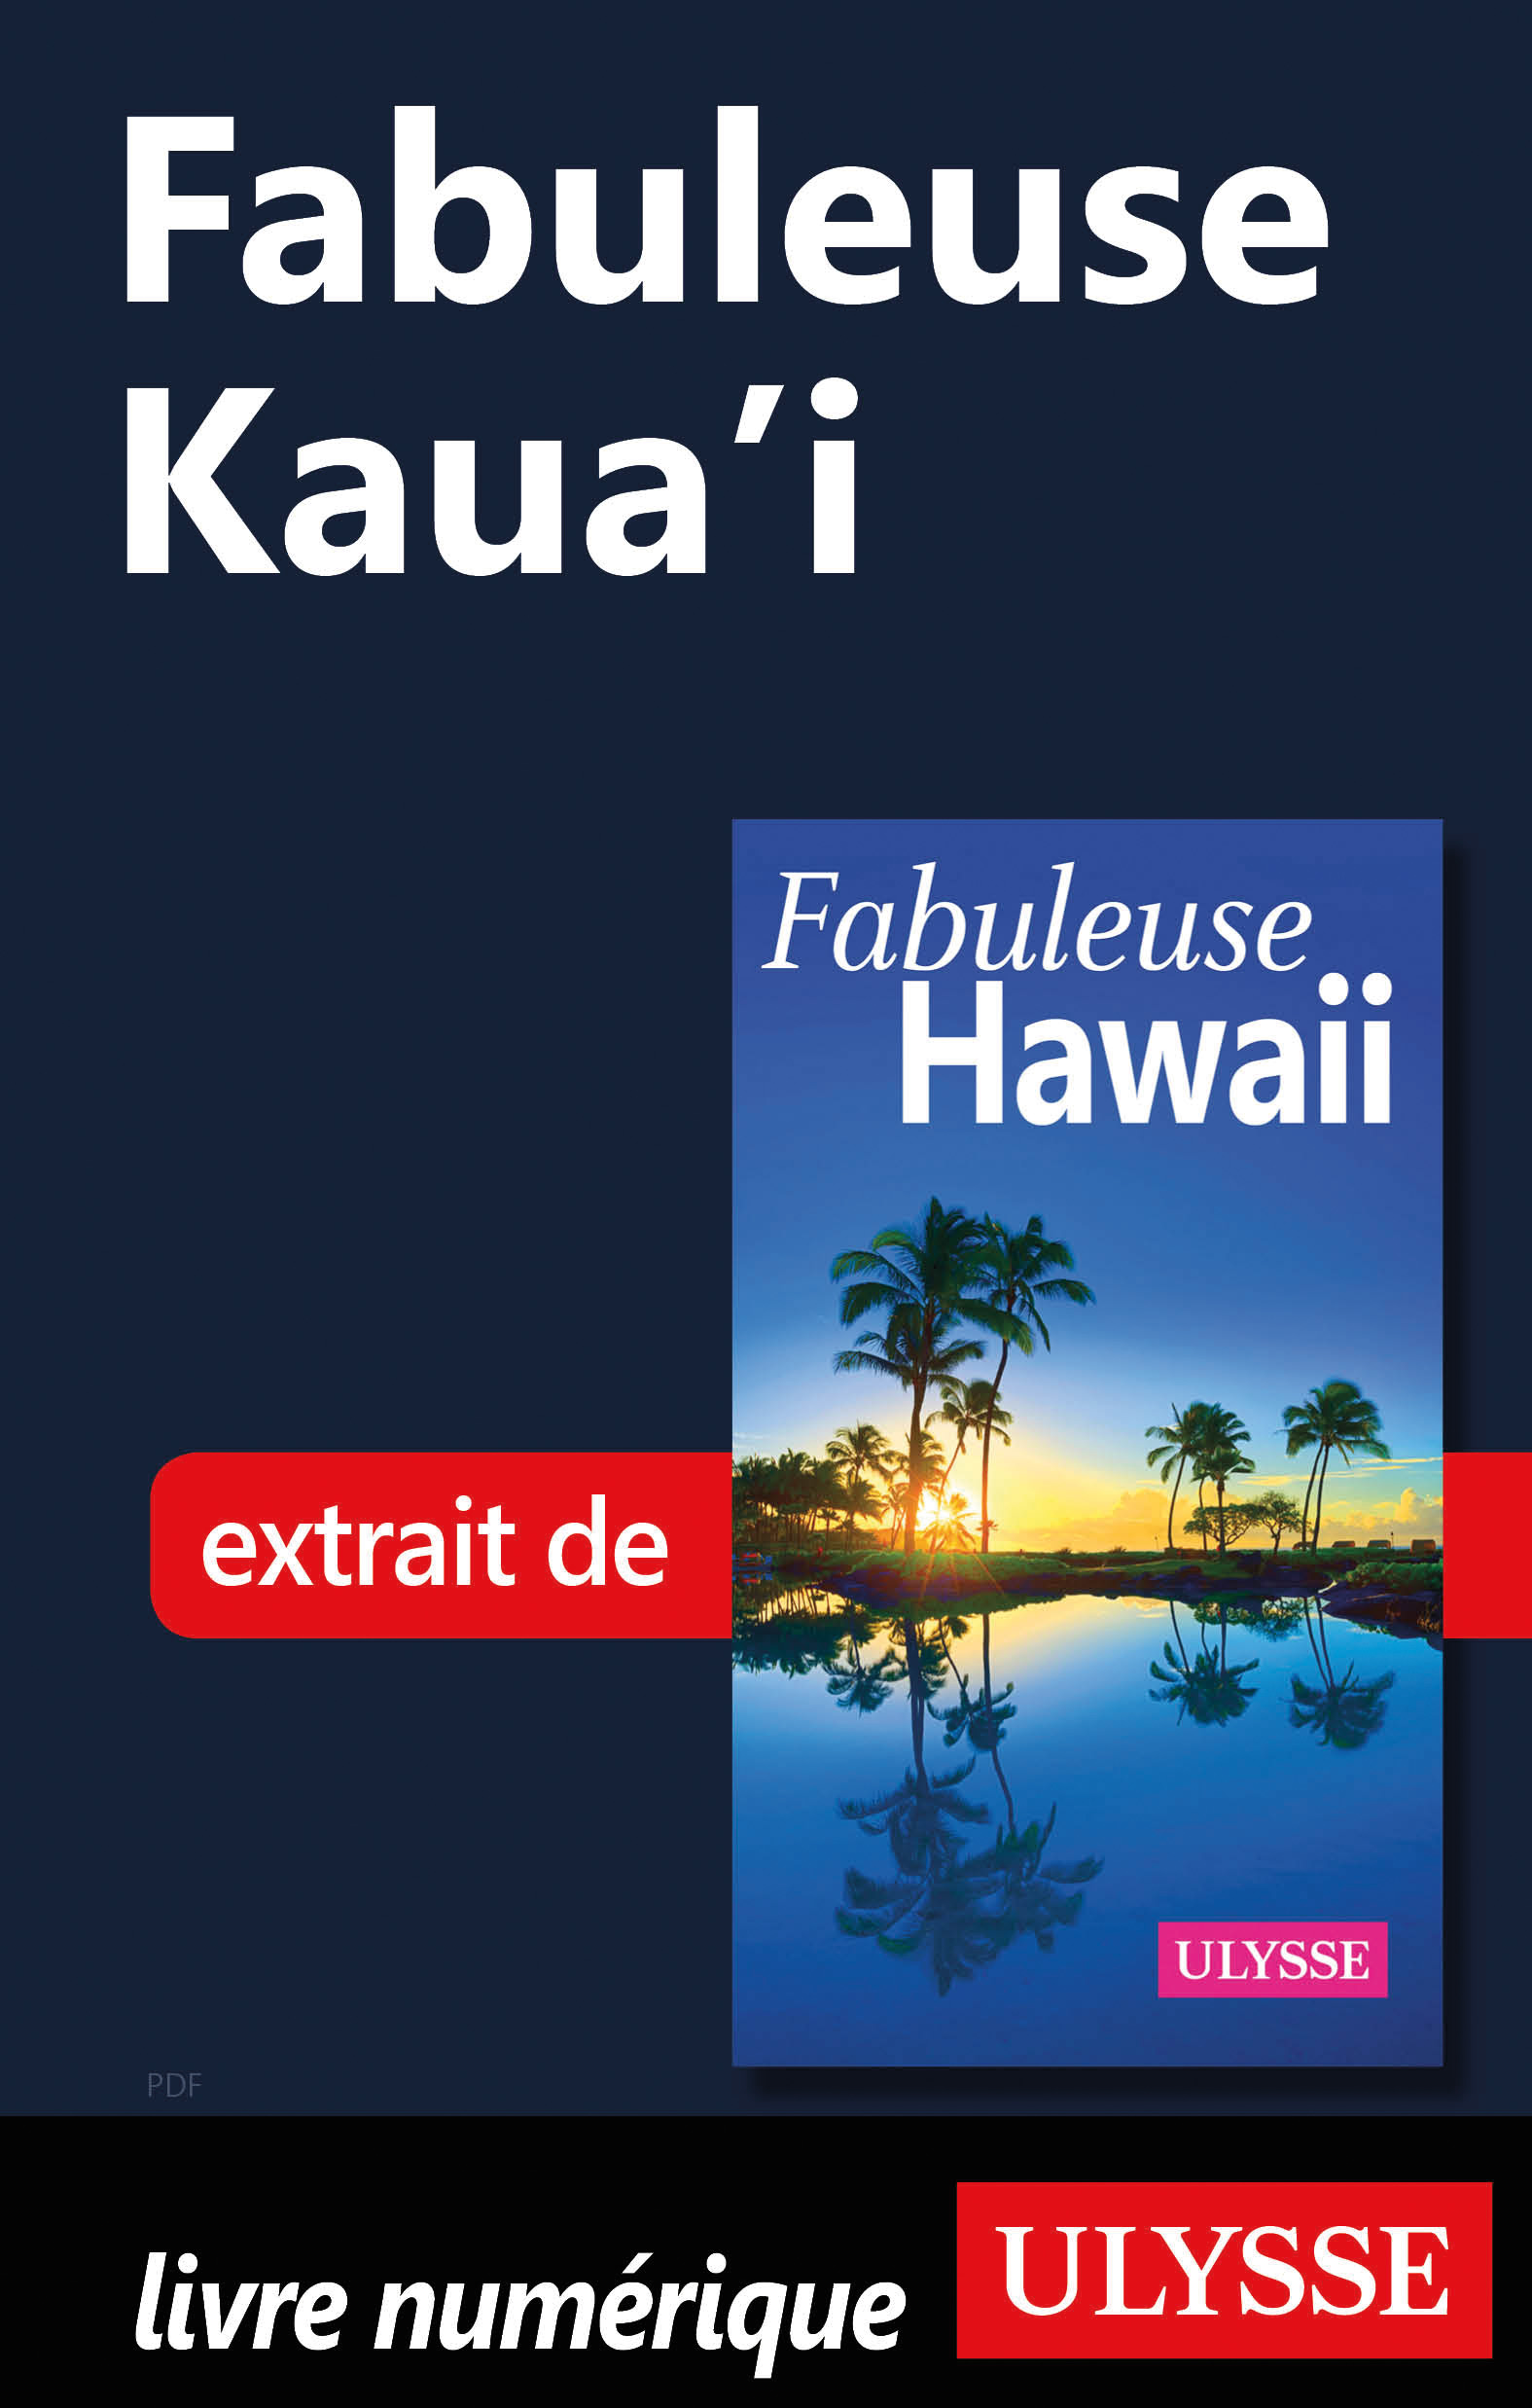 Fabuleuse Kaua'i